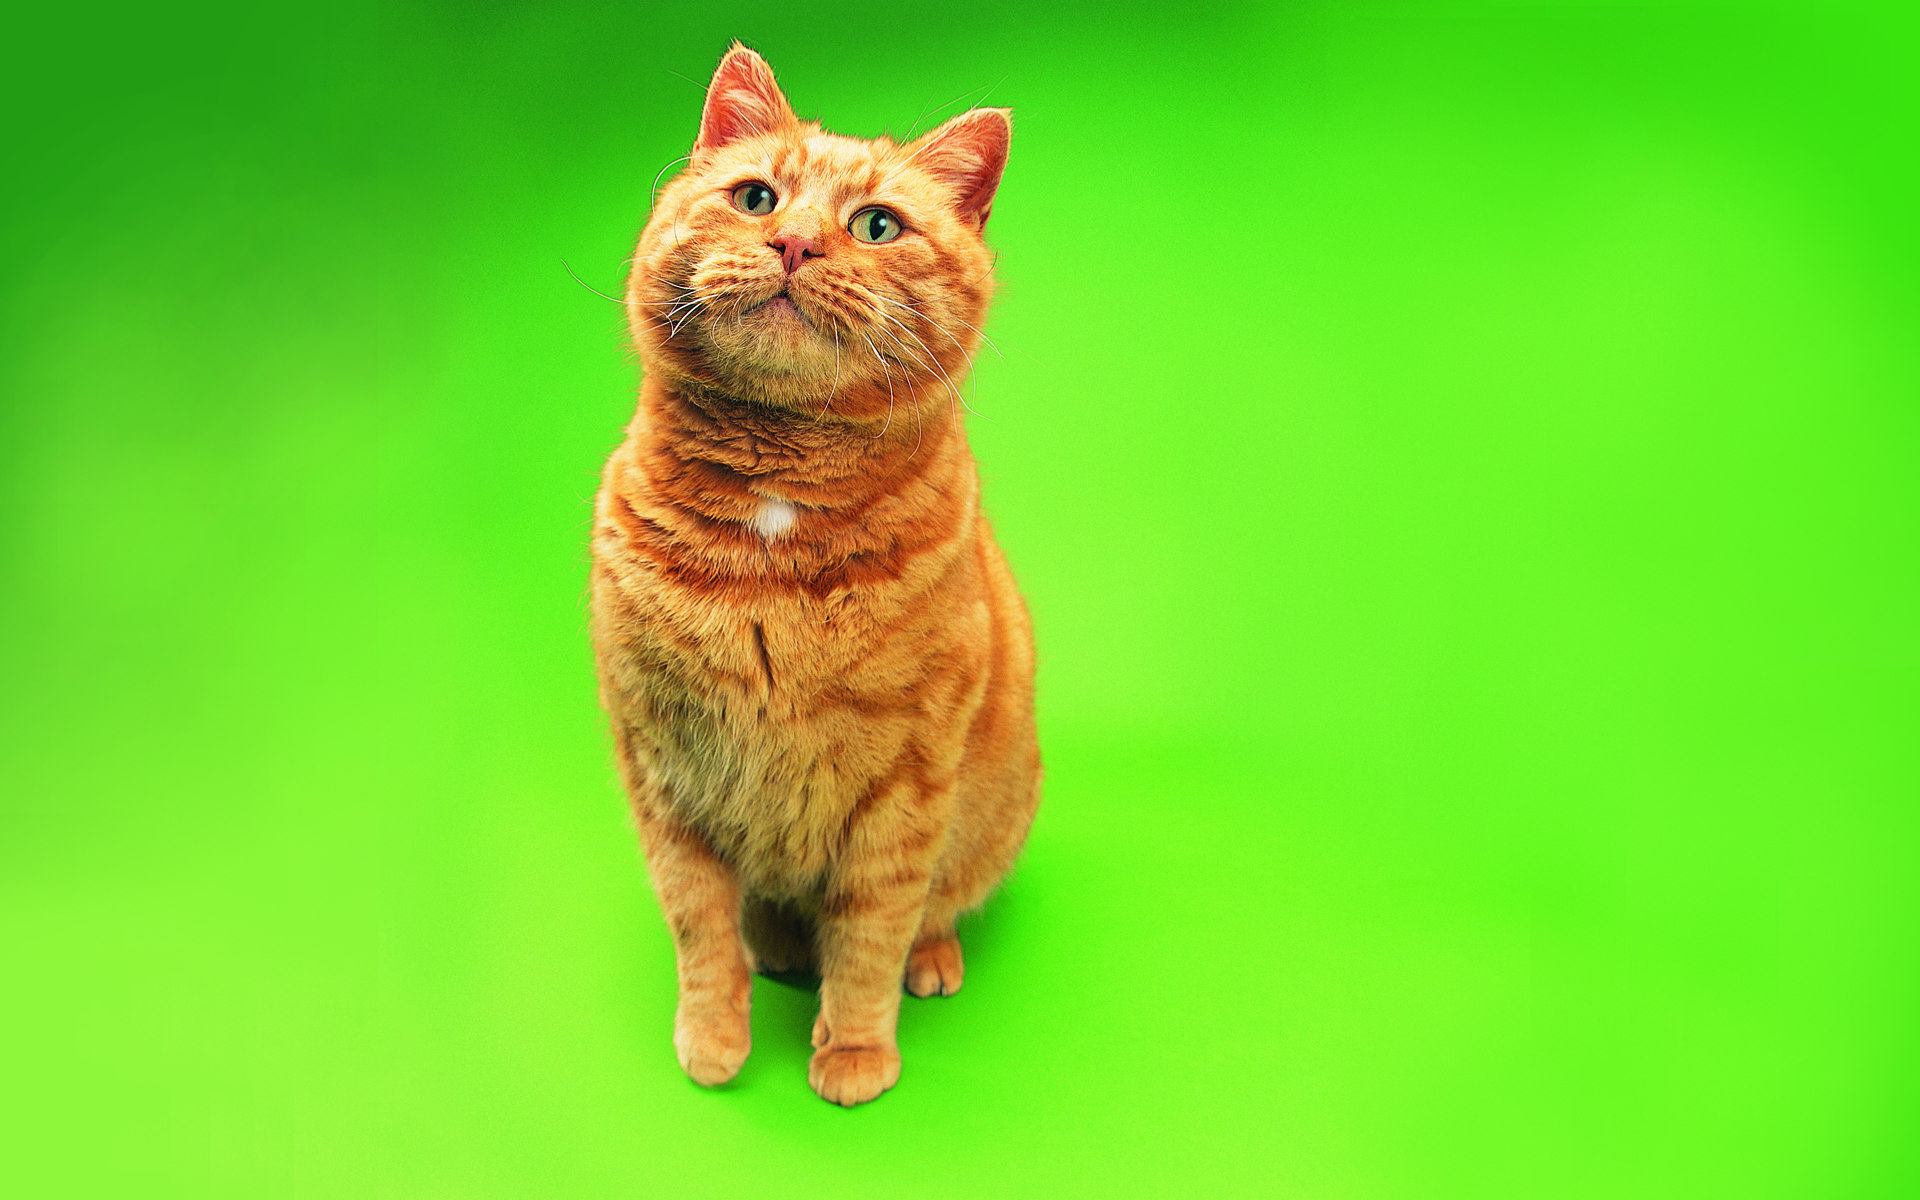 壁纸 趣怪/肥猫趣味可爱小猫图片壁纸